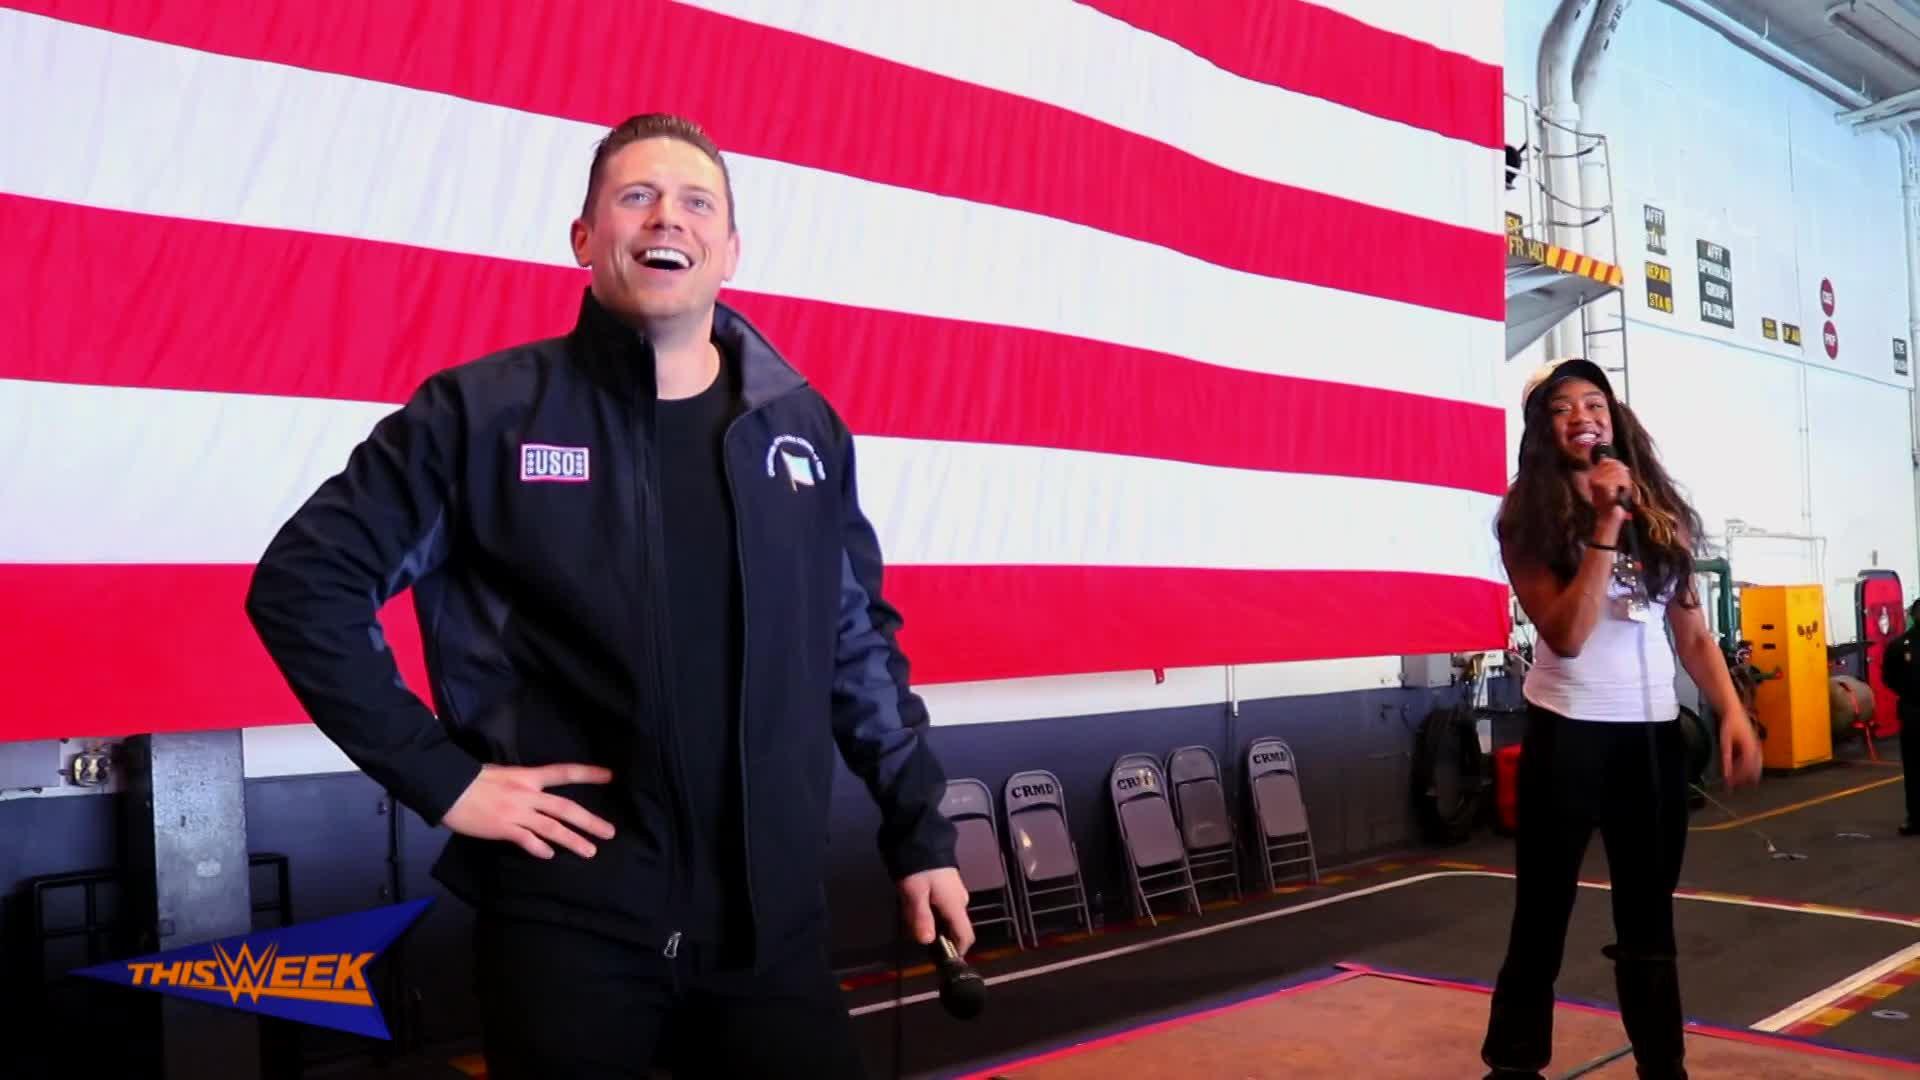 The Miz et Alicia Fox rejoignent USO pour saluer les militaires U.S.